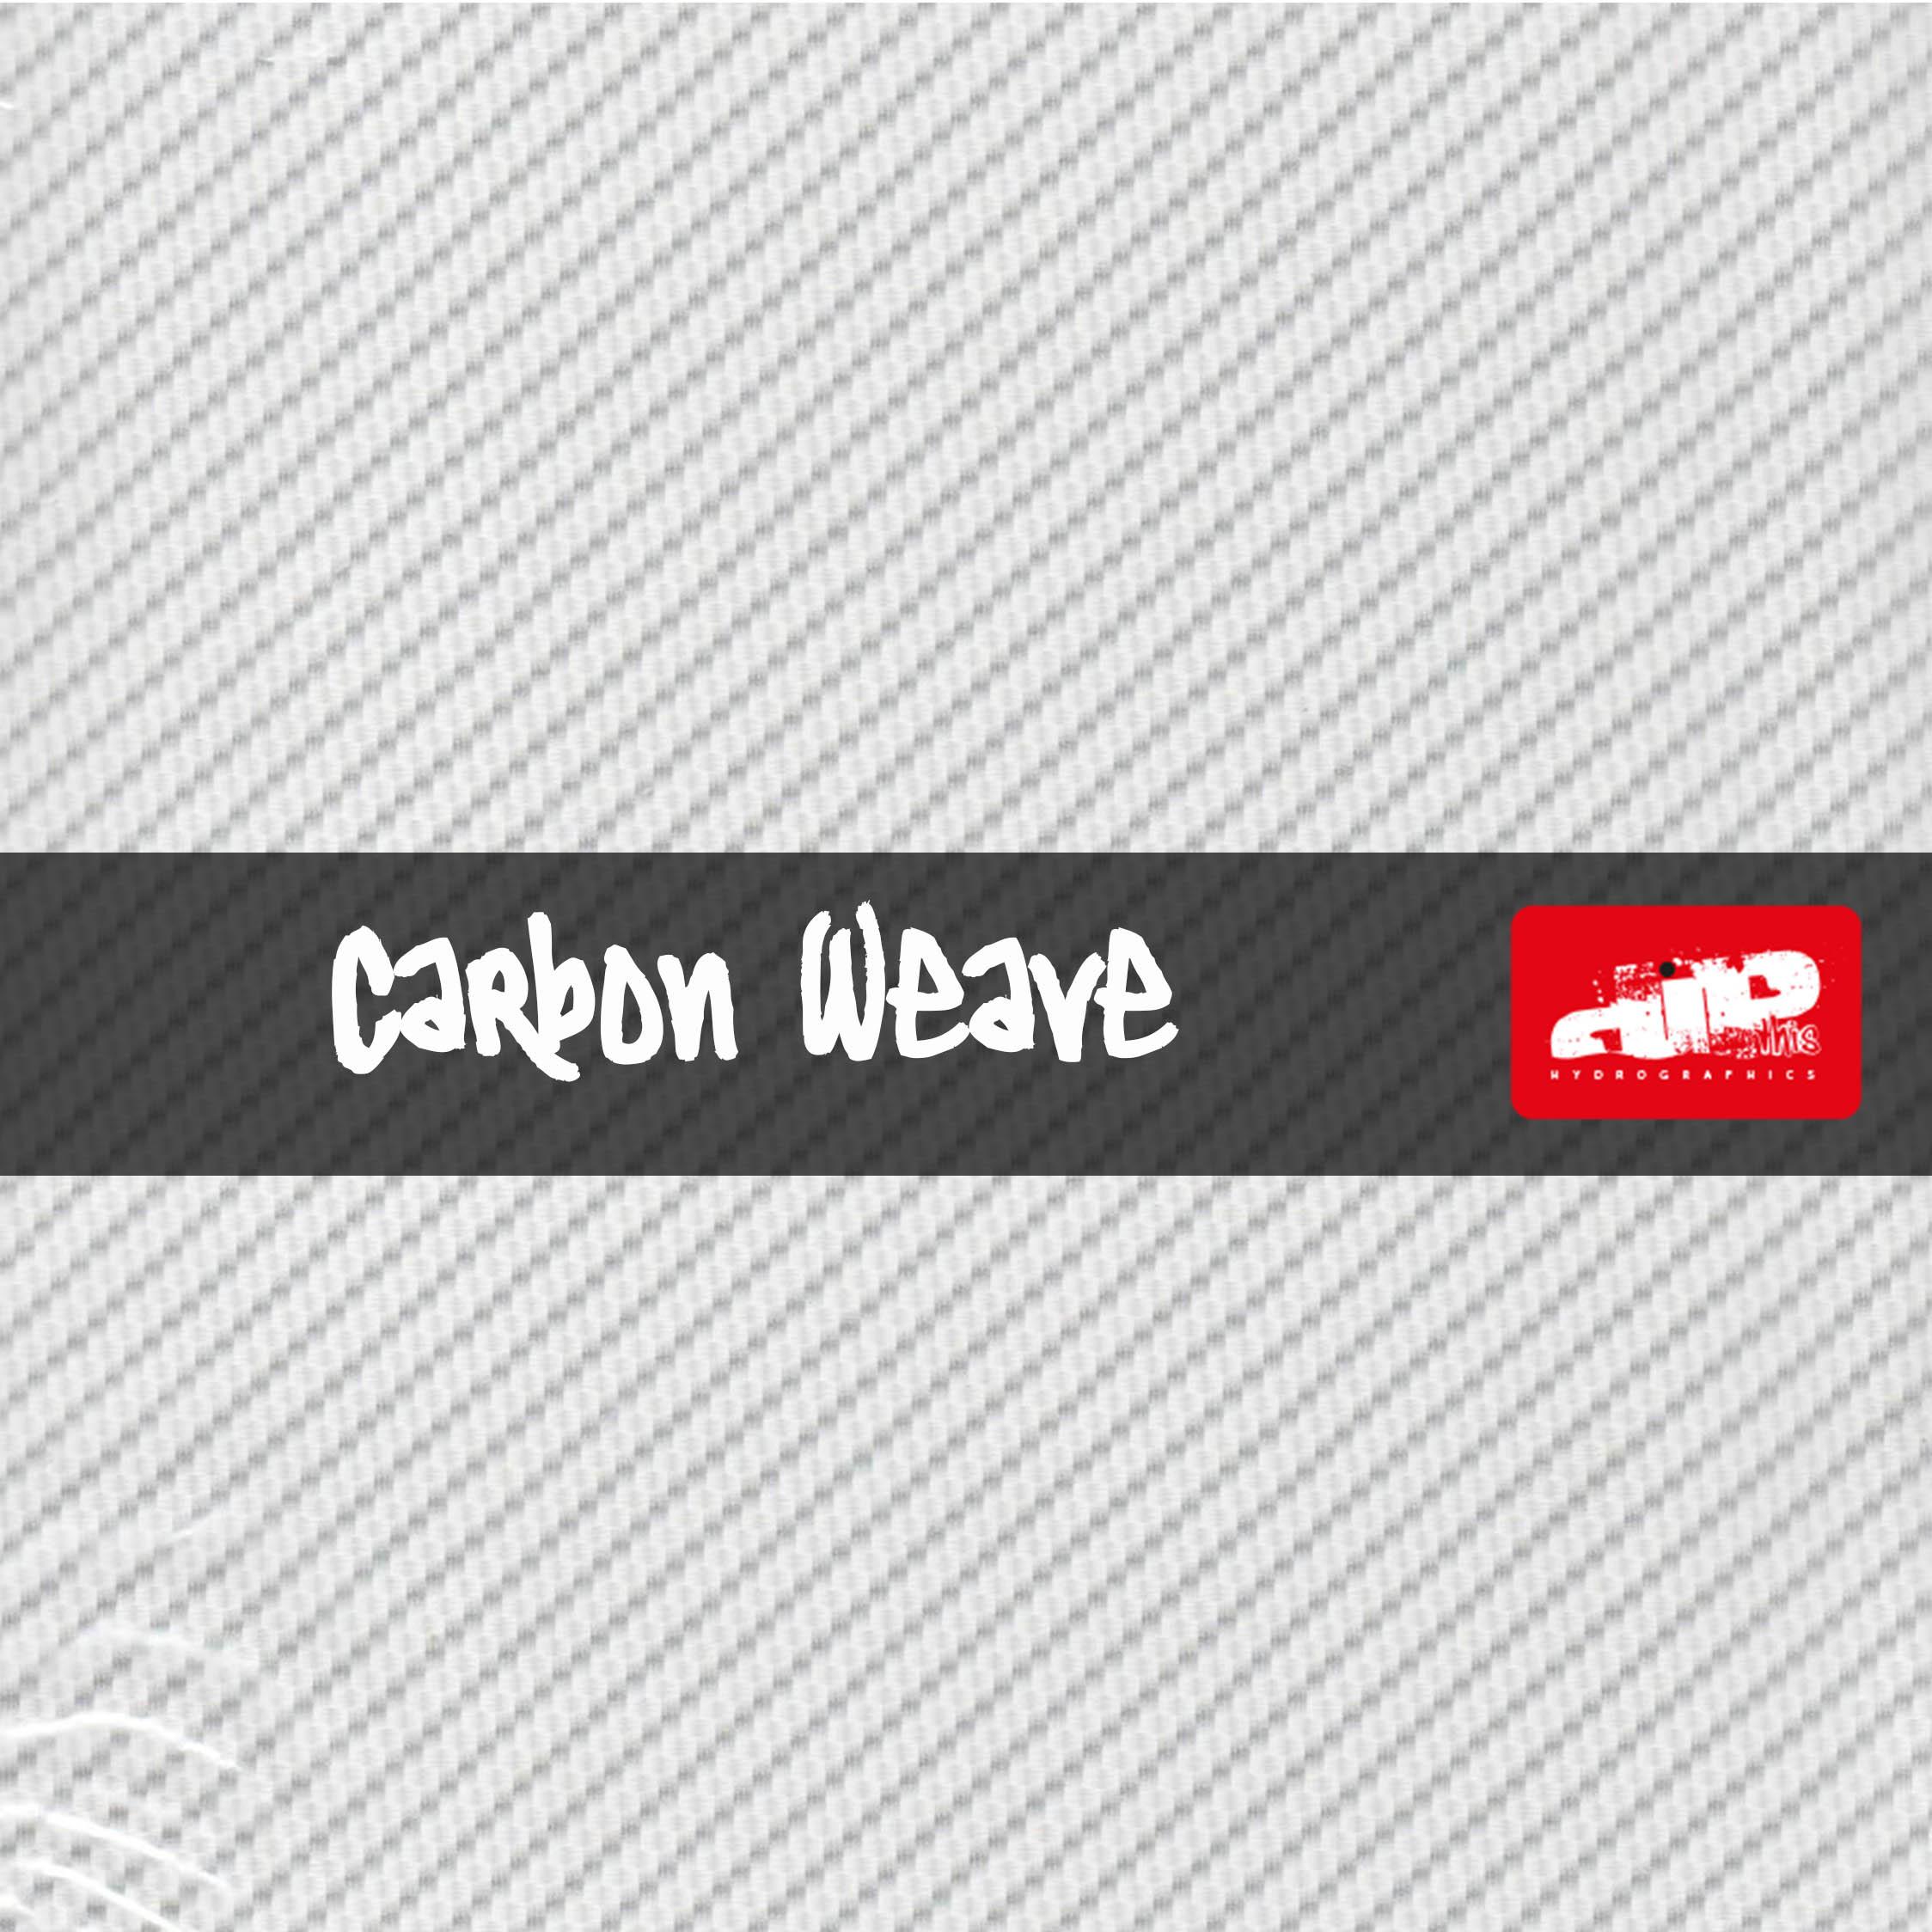 Carbon Weave